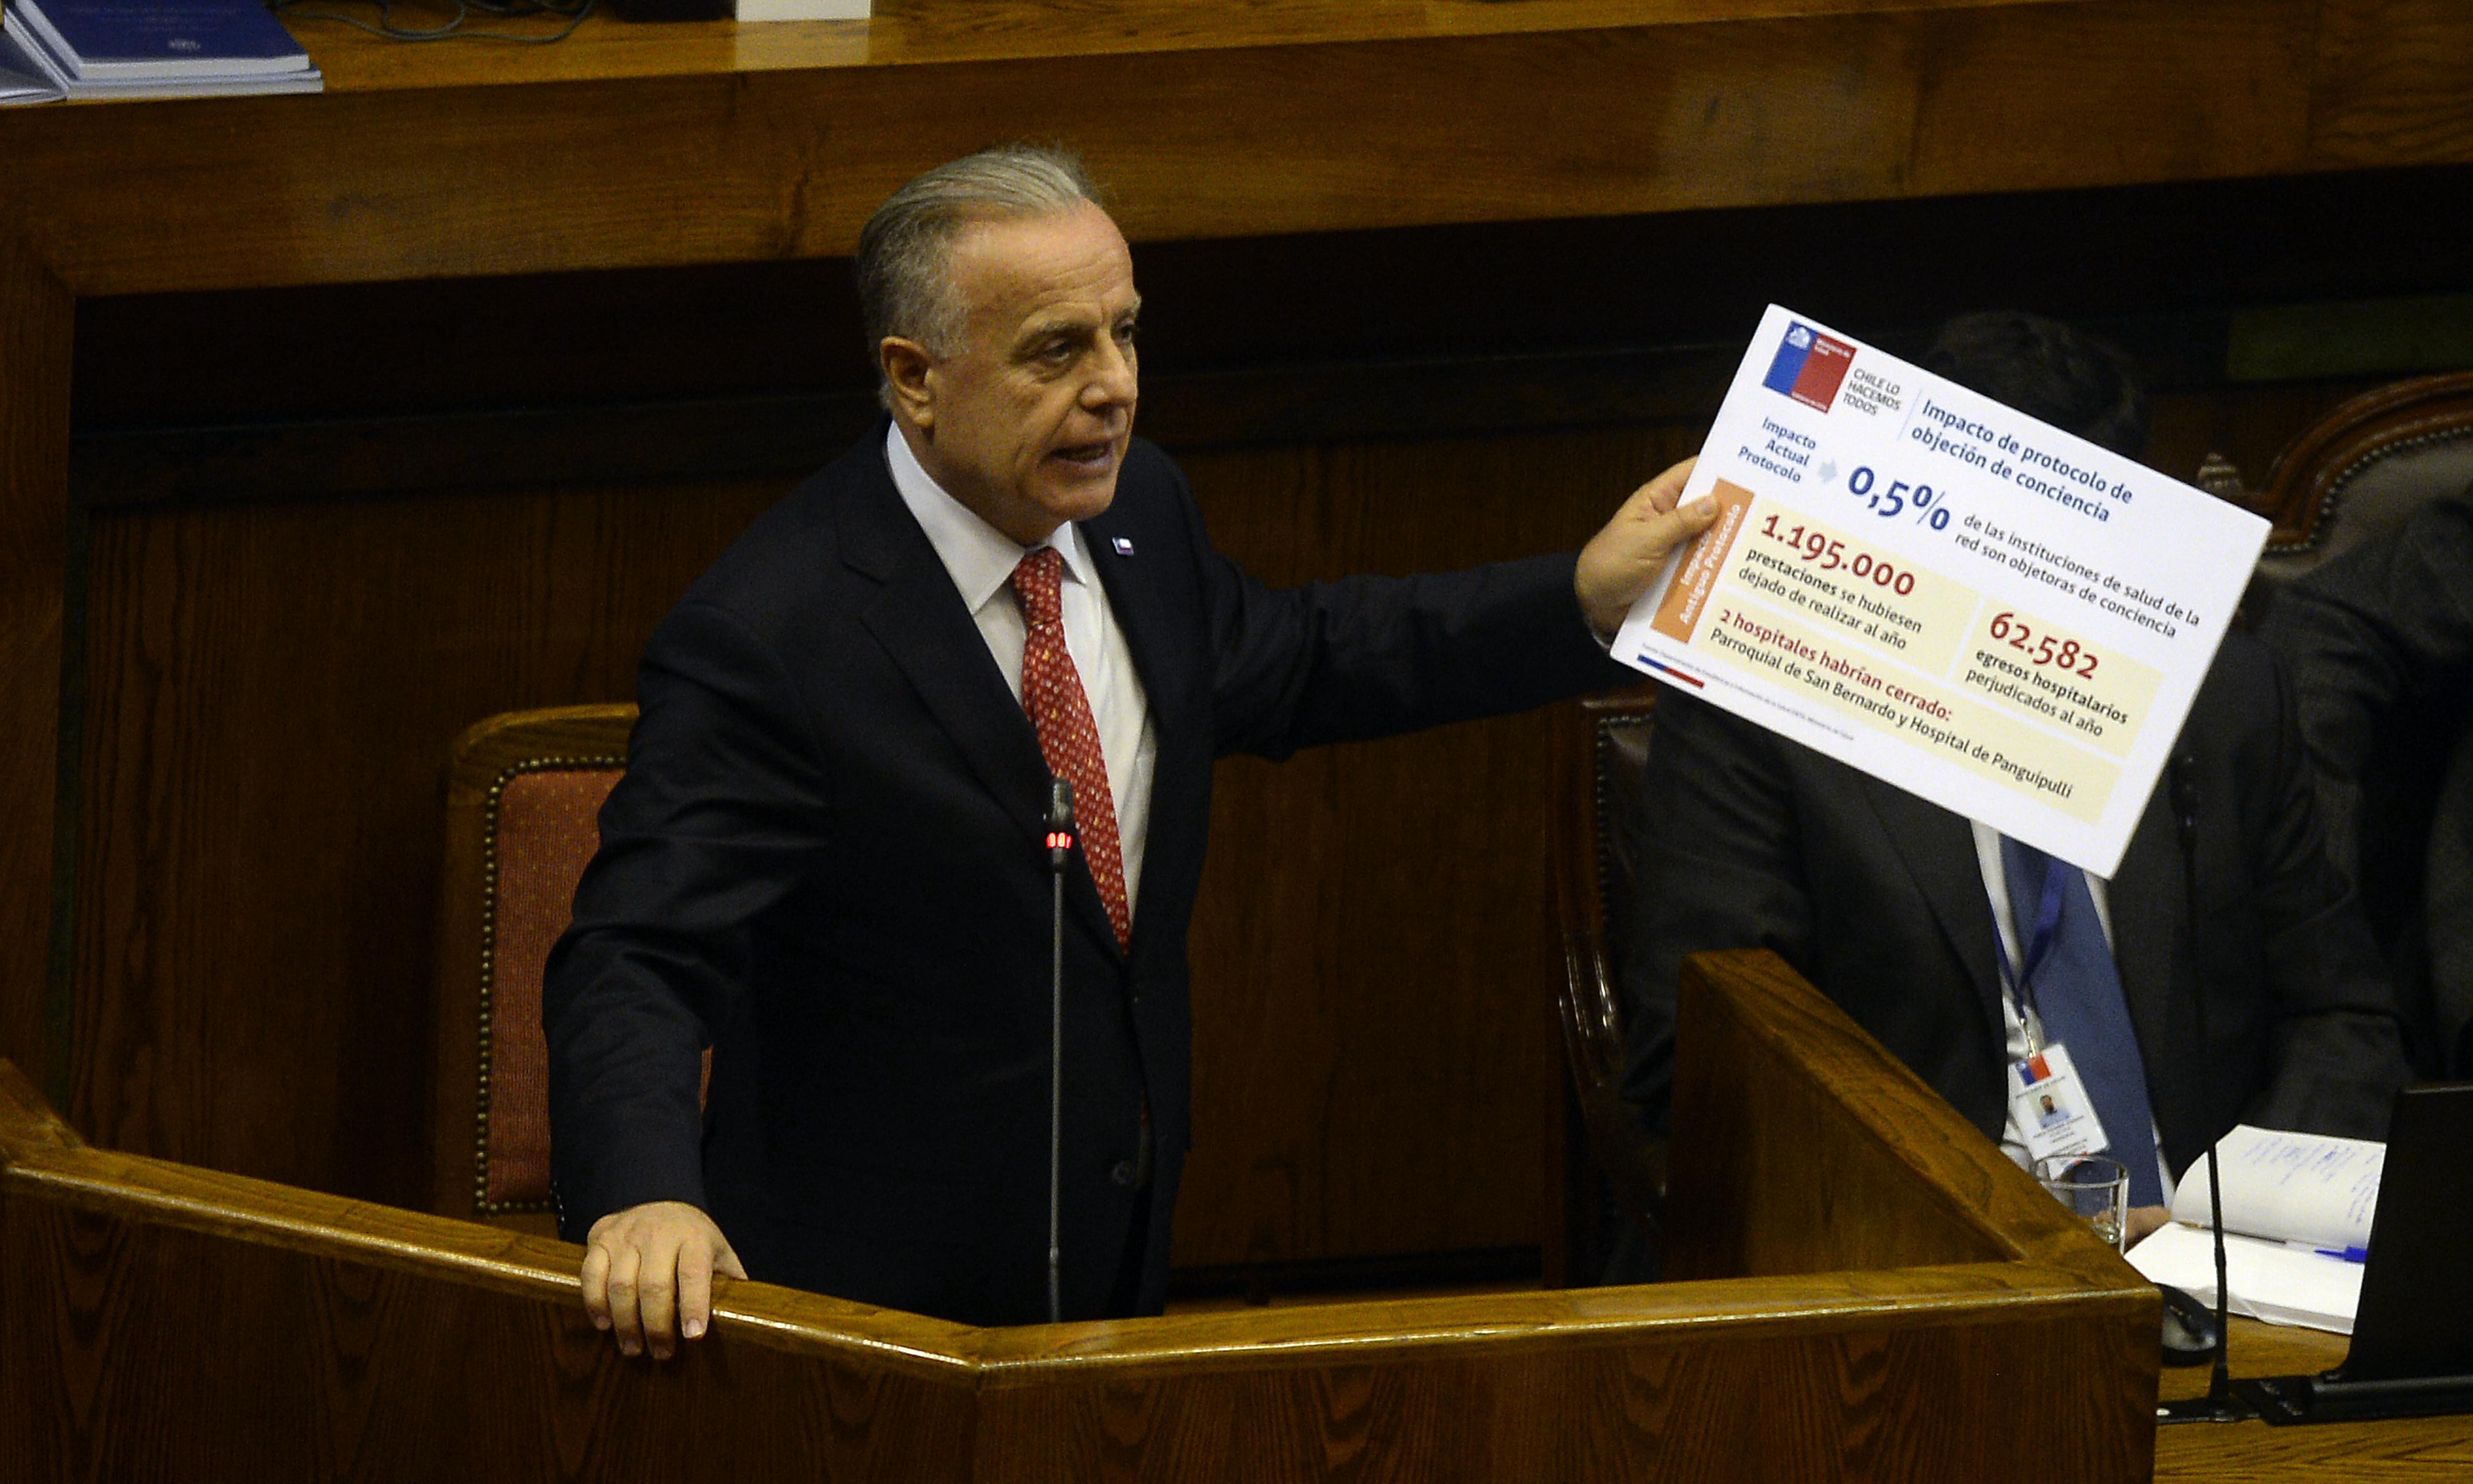 Frente Amplio anuncia acusación constitucional contra ministro Santelices